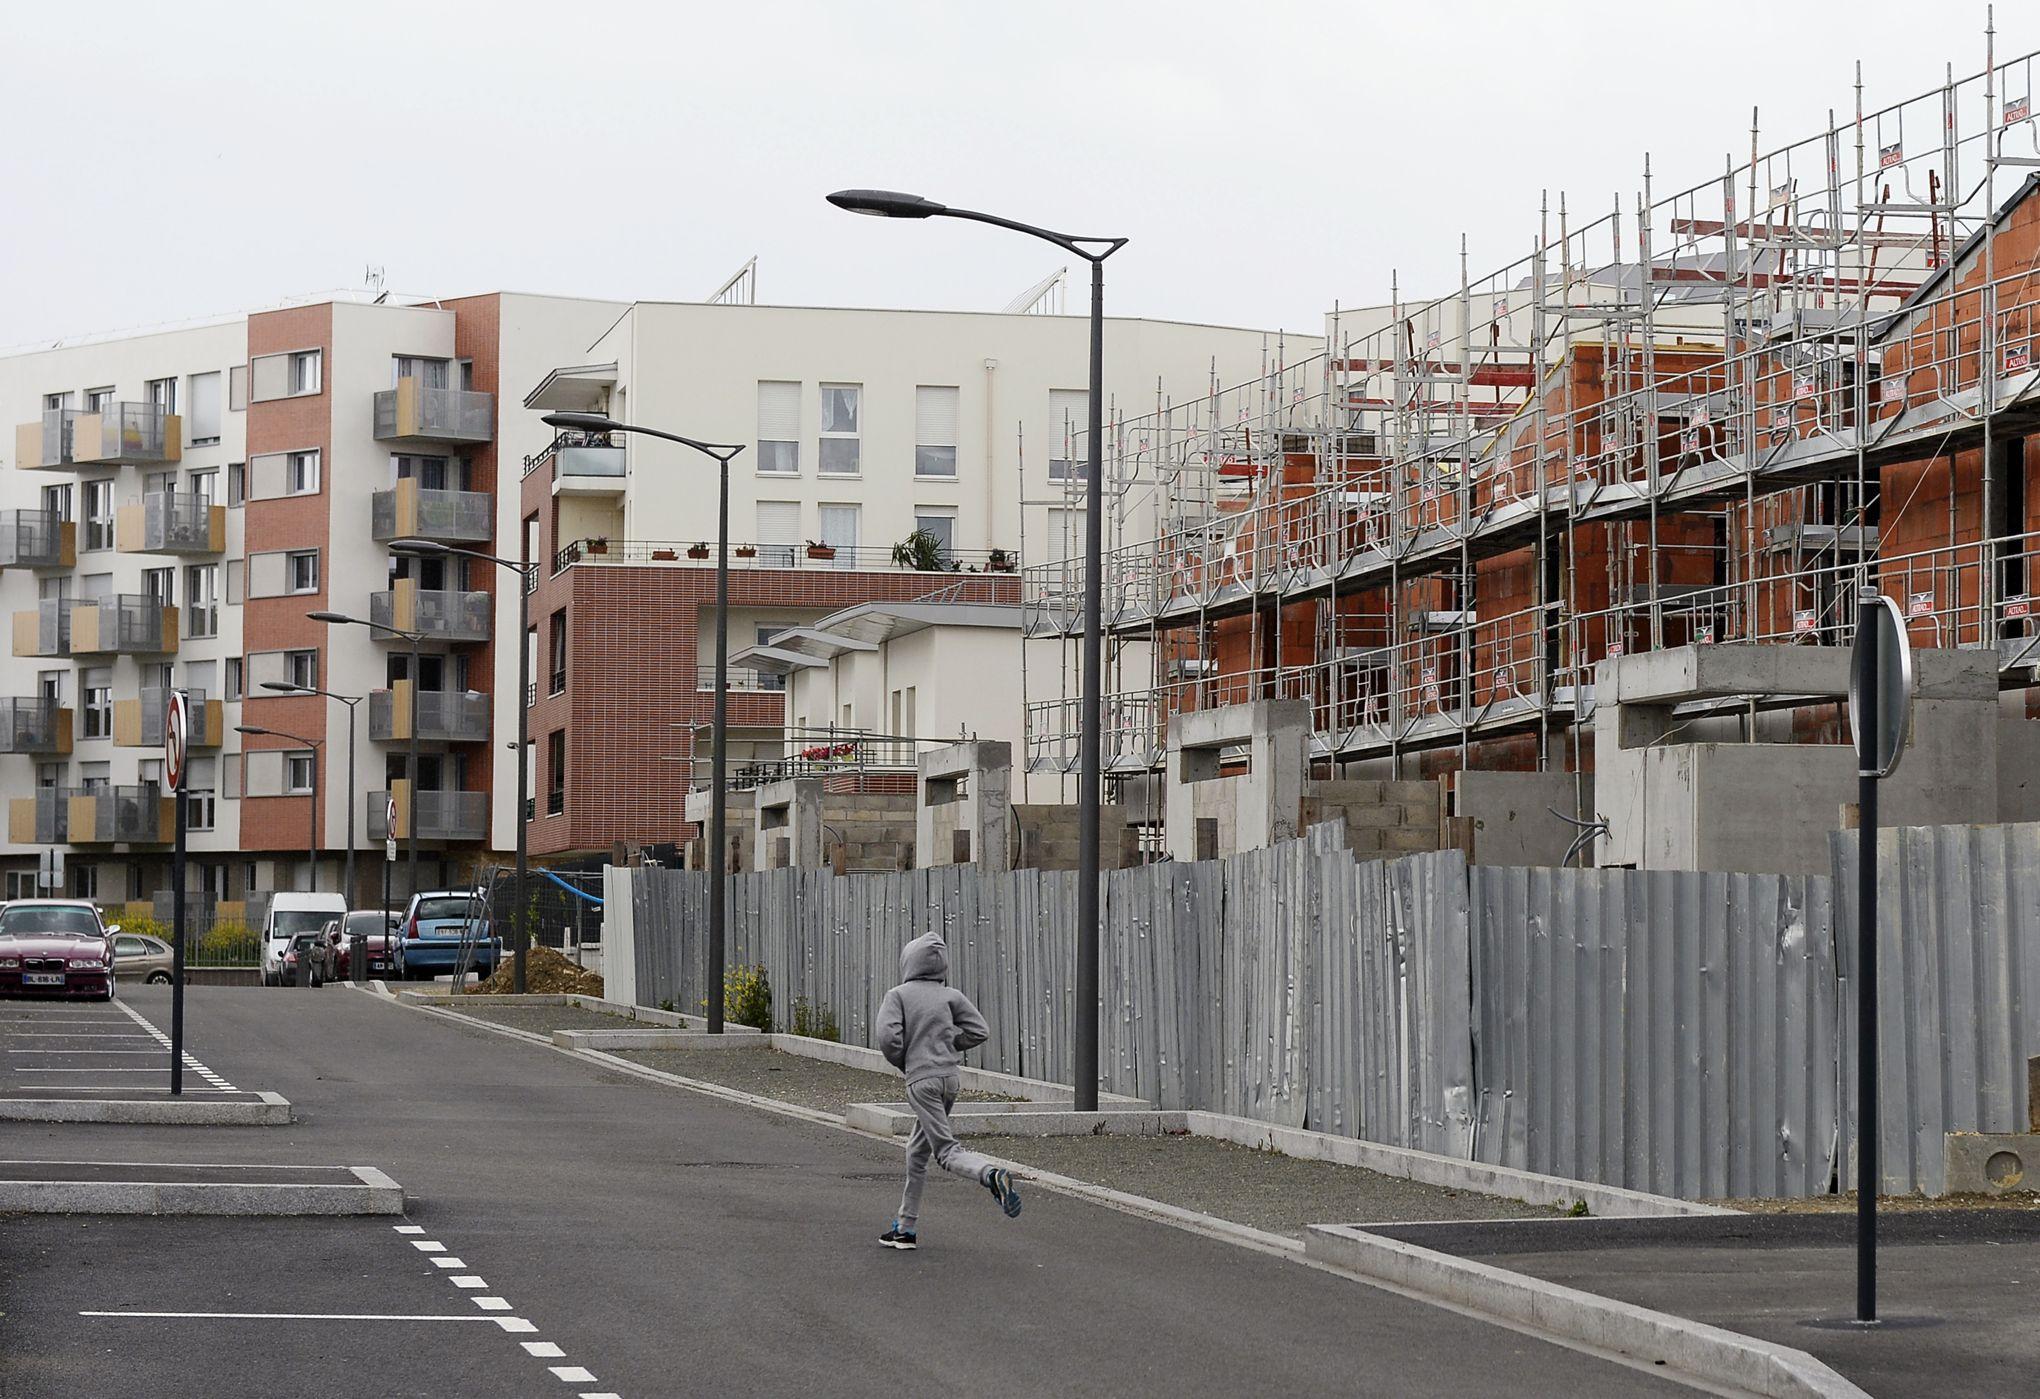 Commissariat De Clichy Sous Bois - Dans quelle situationéconomique se trouvent nos banlieues